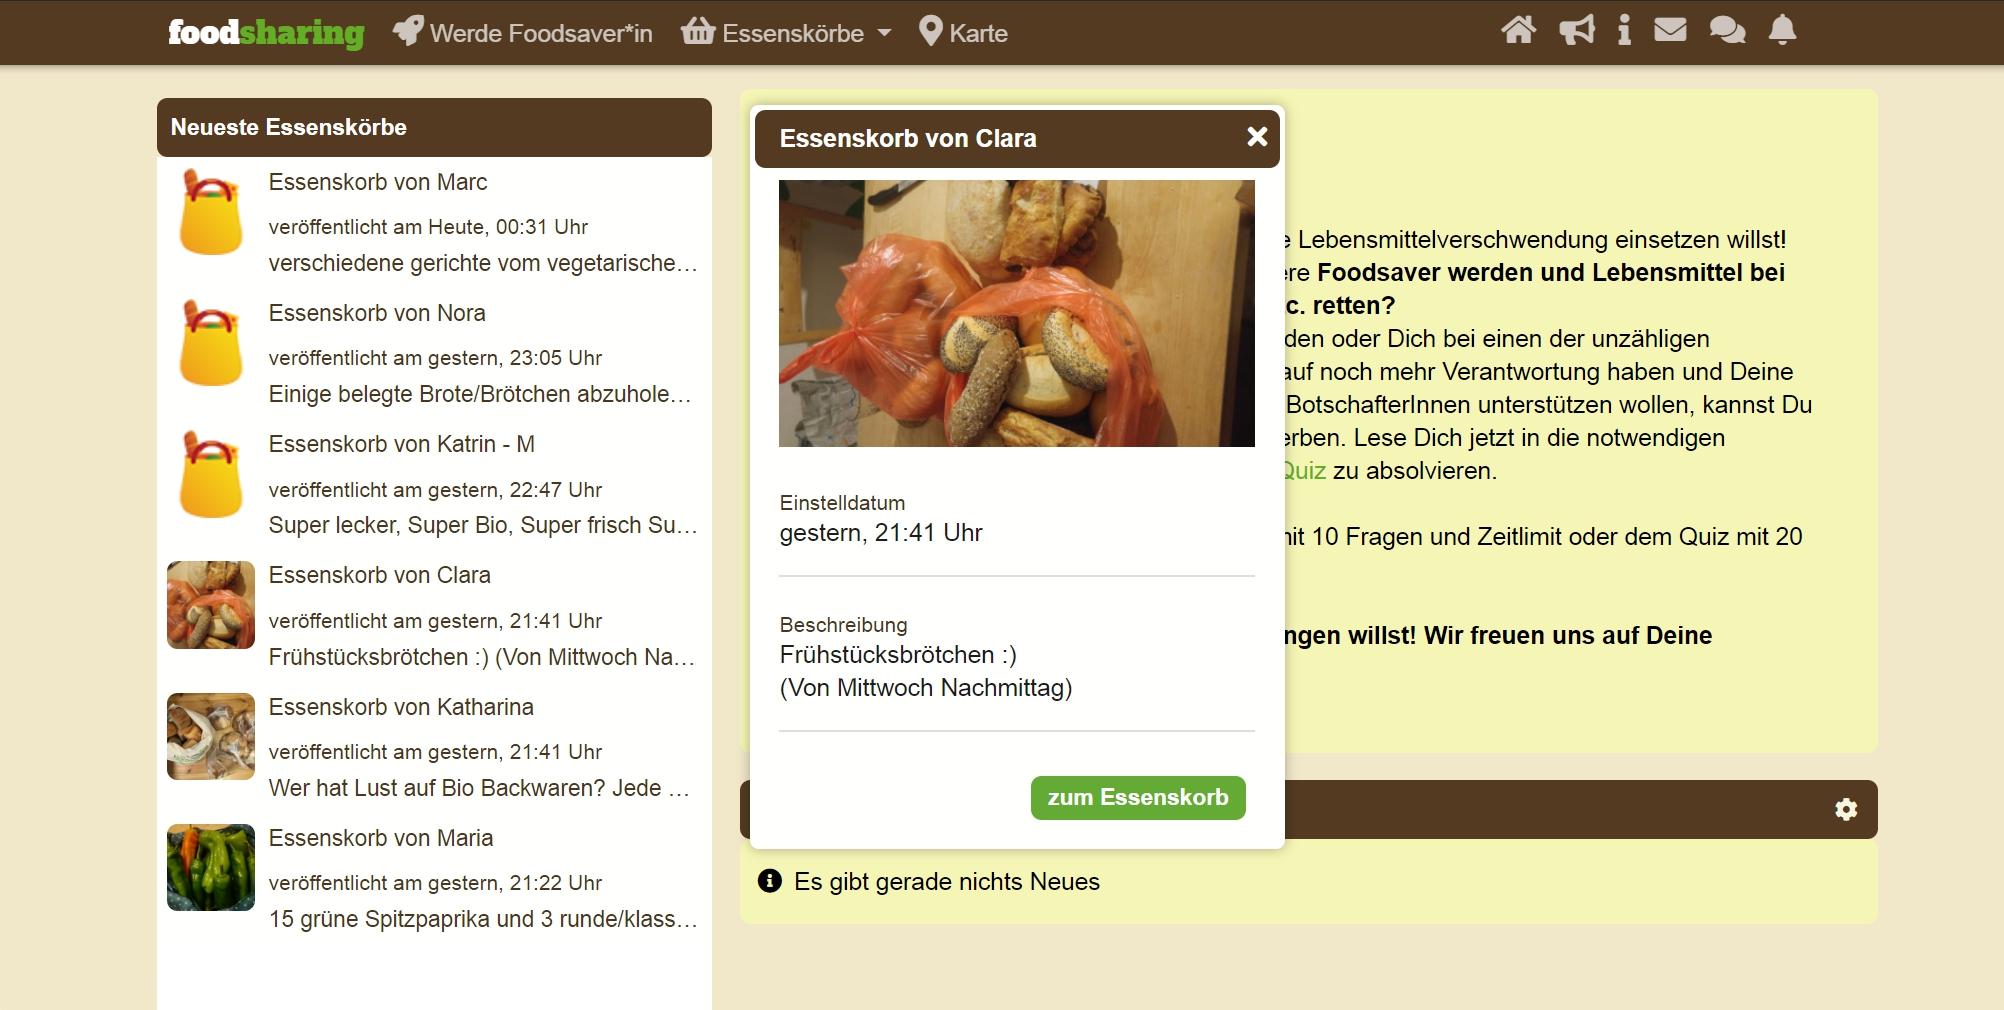 В готовых корзинах на сайте немецкого фудшеринга можно найти почти что угодно. Например, отдают шесть больших мешков грецких орехов и сто литров консервированного шпината